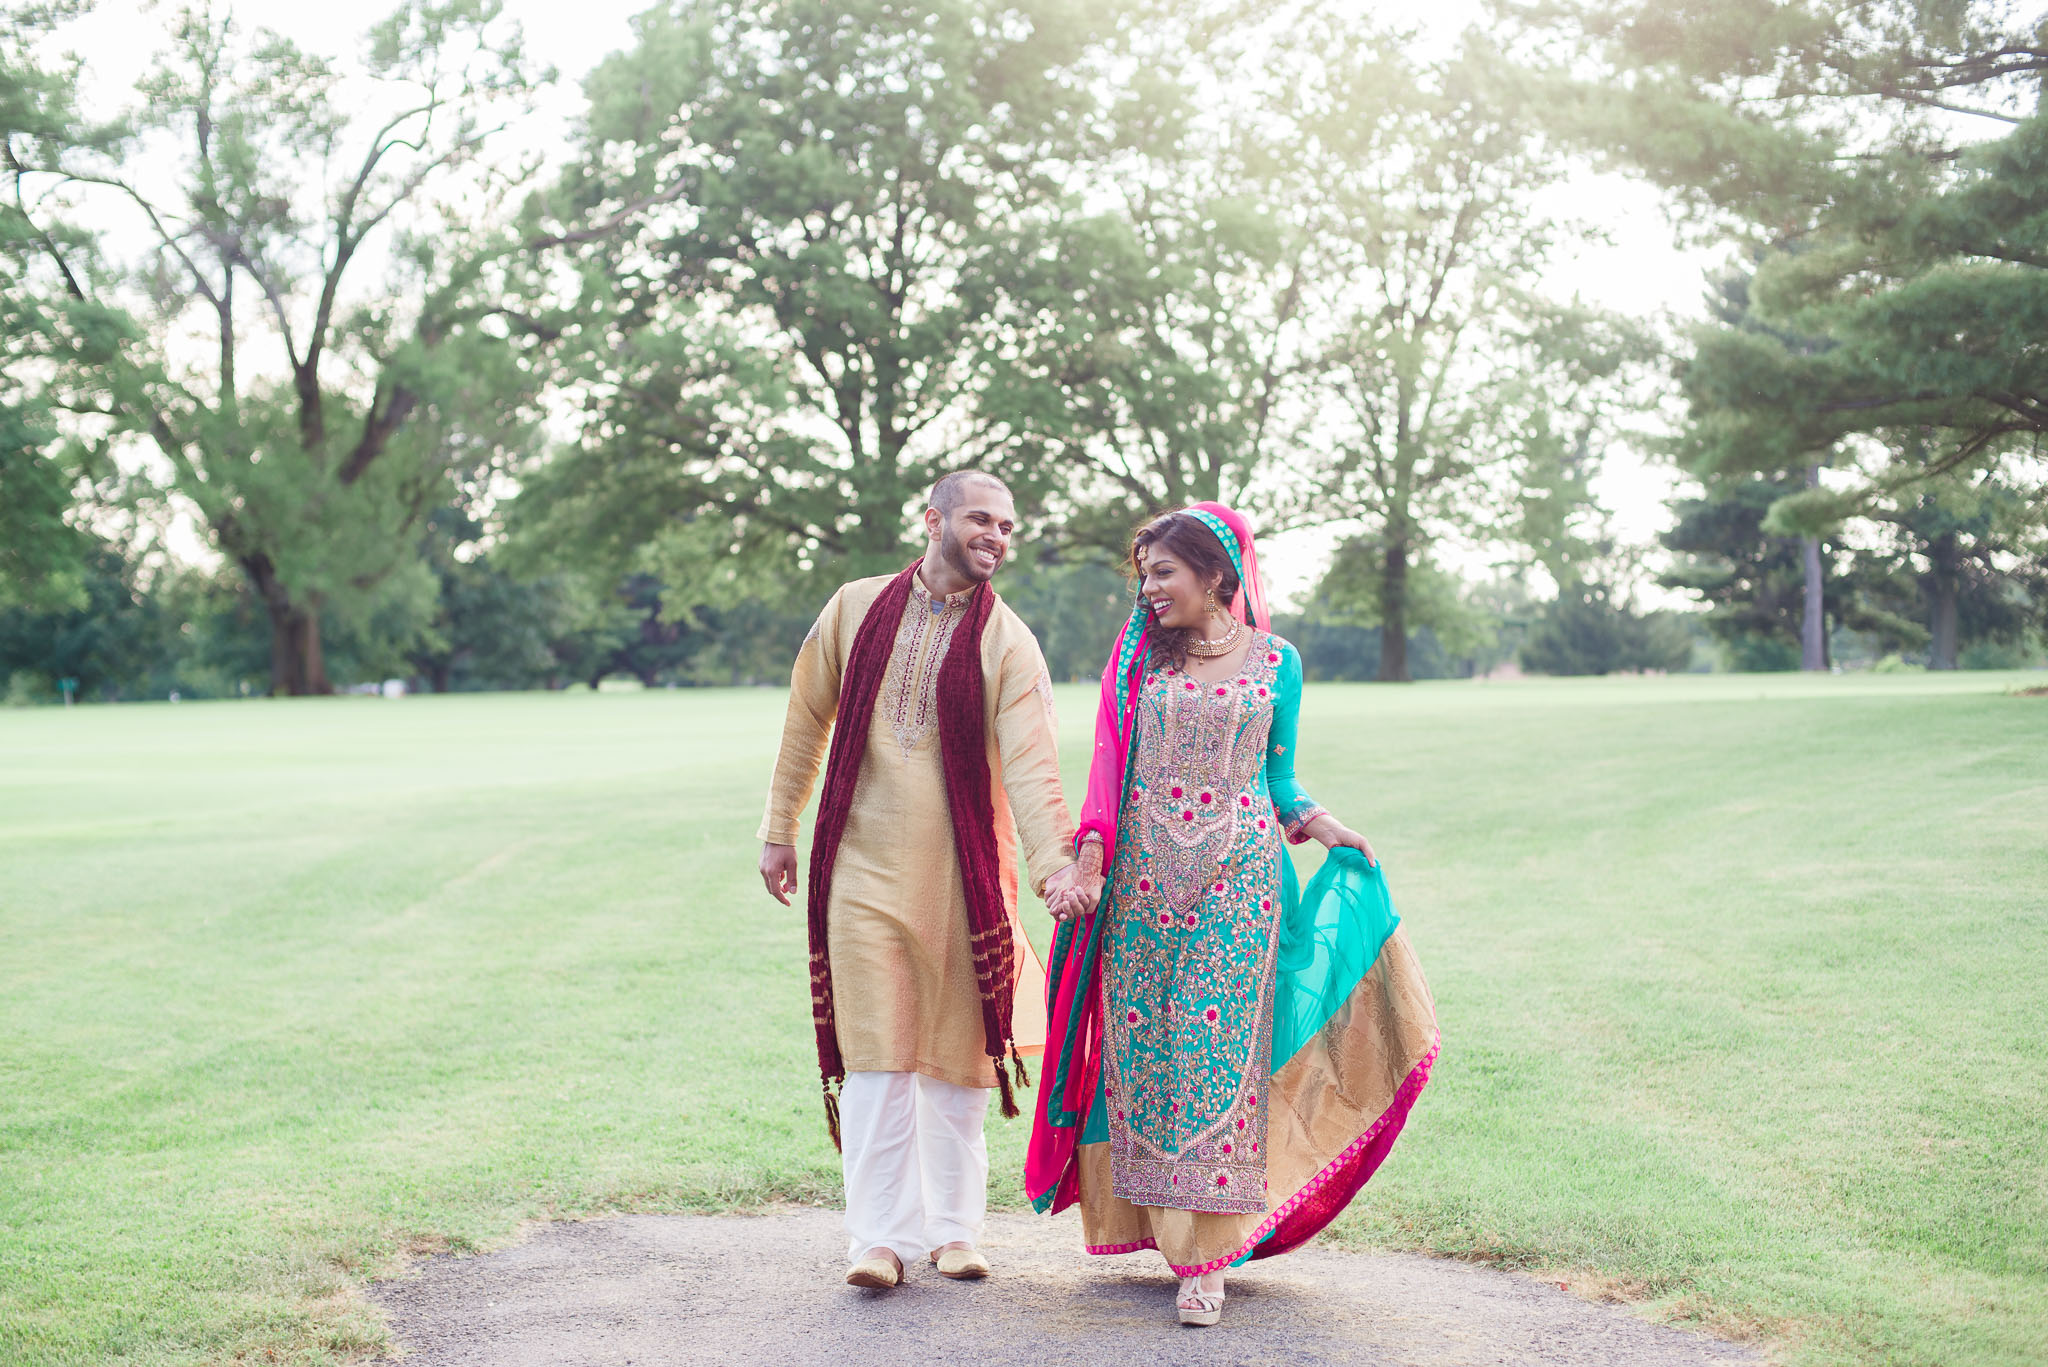 Wildwood country club Wedding: Noorina + Naufal